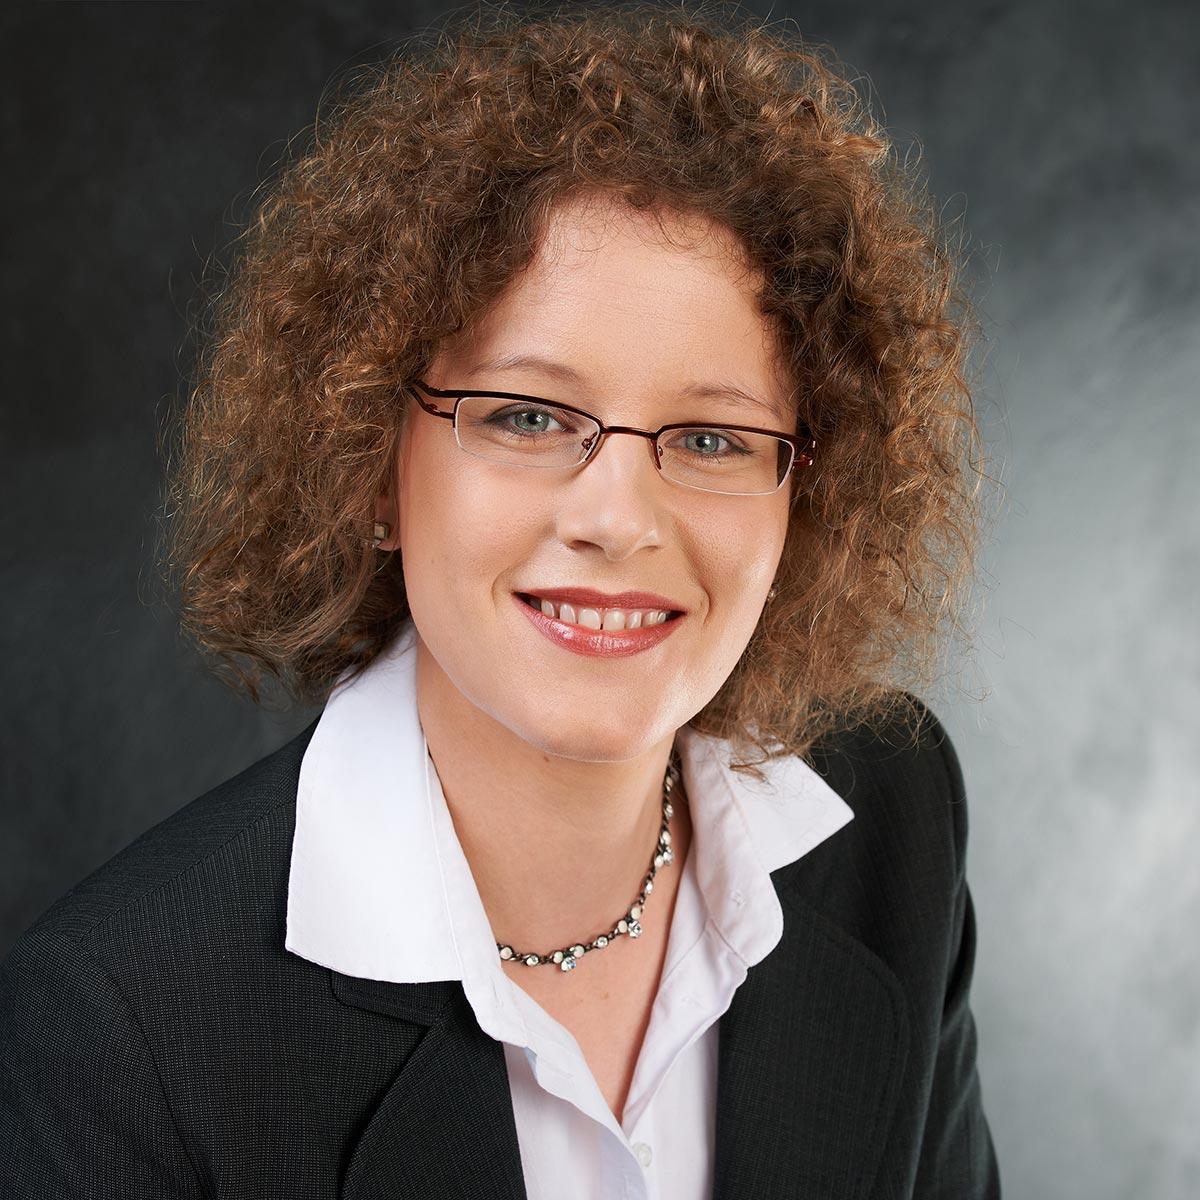 Linn van Raay Rechtsanwältin Rechtsanwalt Rechtsanwälte Trier Familienrecht Scheidung IT-Recht Fachanwalt